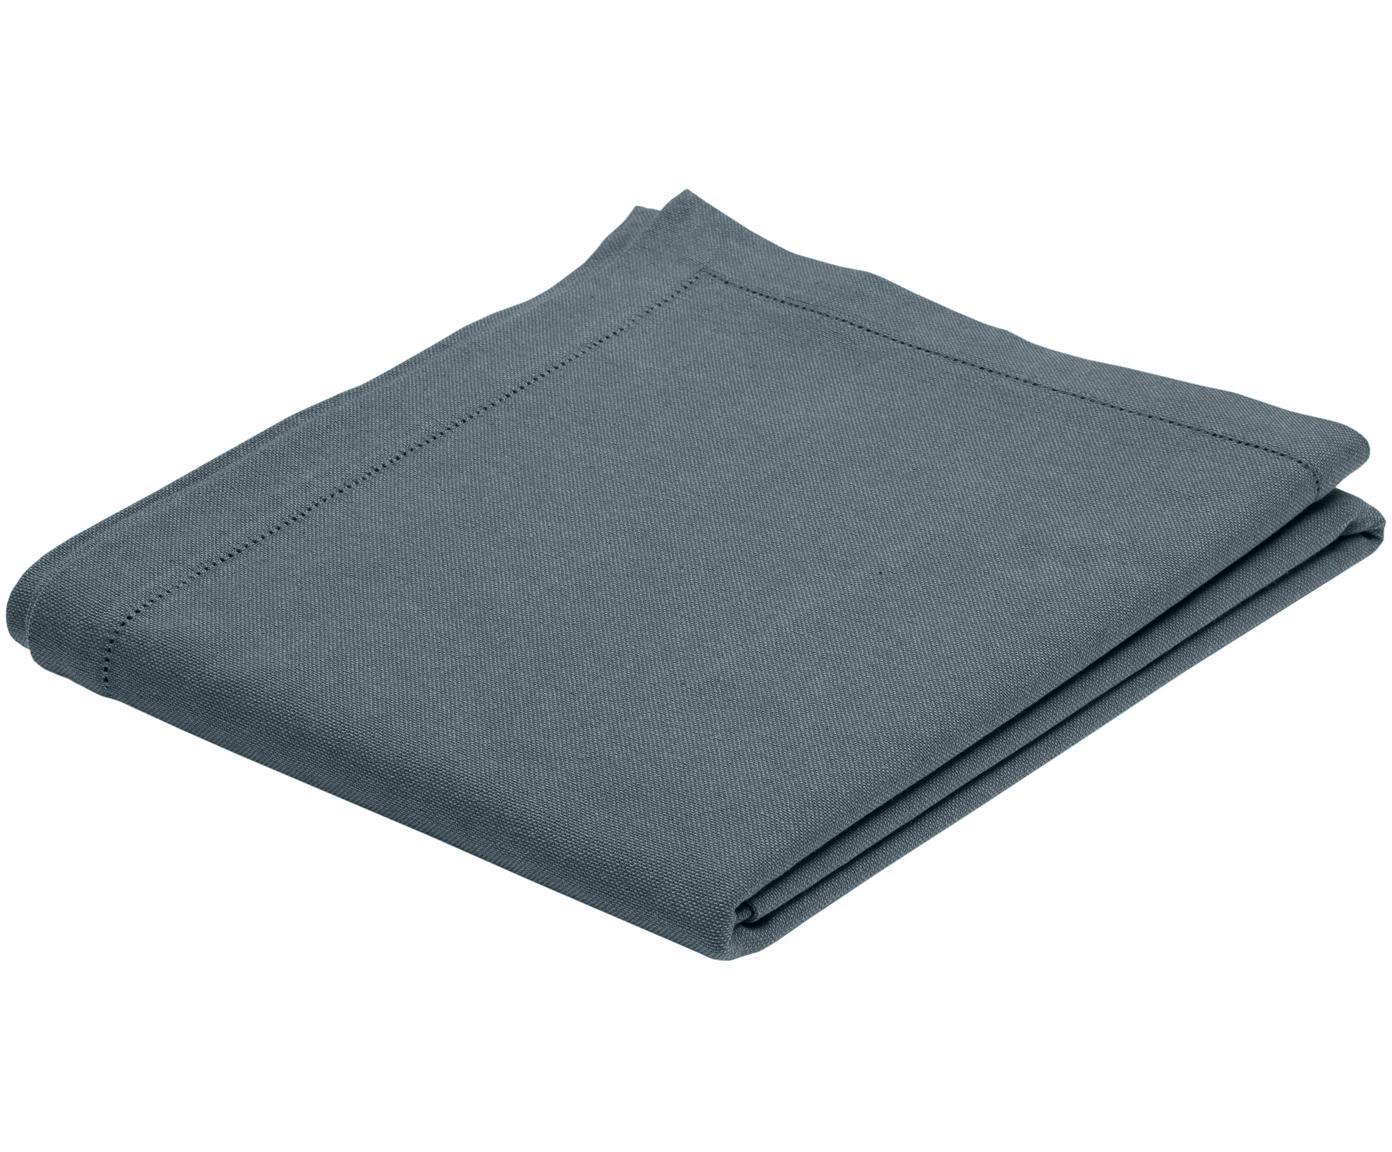 Tovaglia in cotone con ricamo Indi, Cotone, Grigio scuro, Per 6-8 persone  (Larg.140 x Lung. 250 cm)